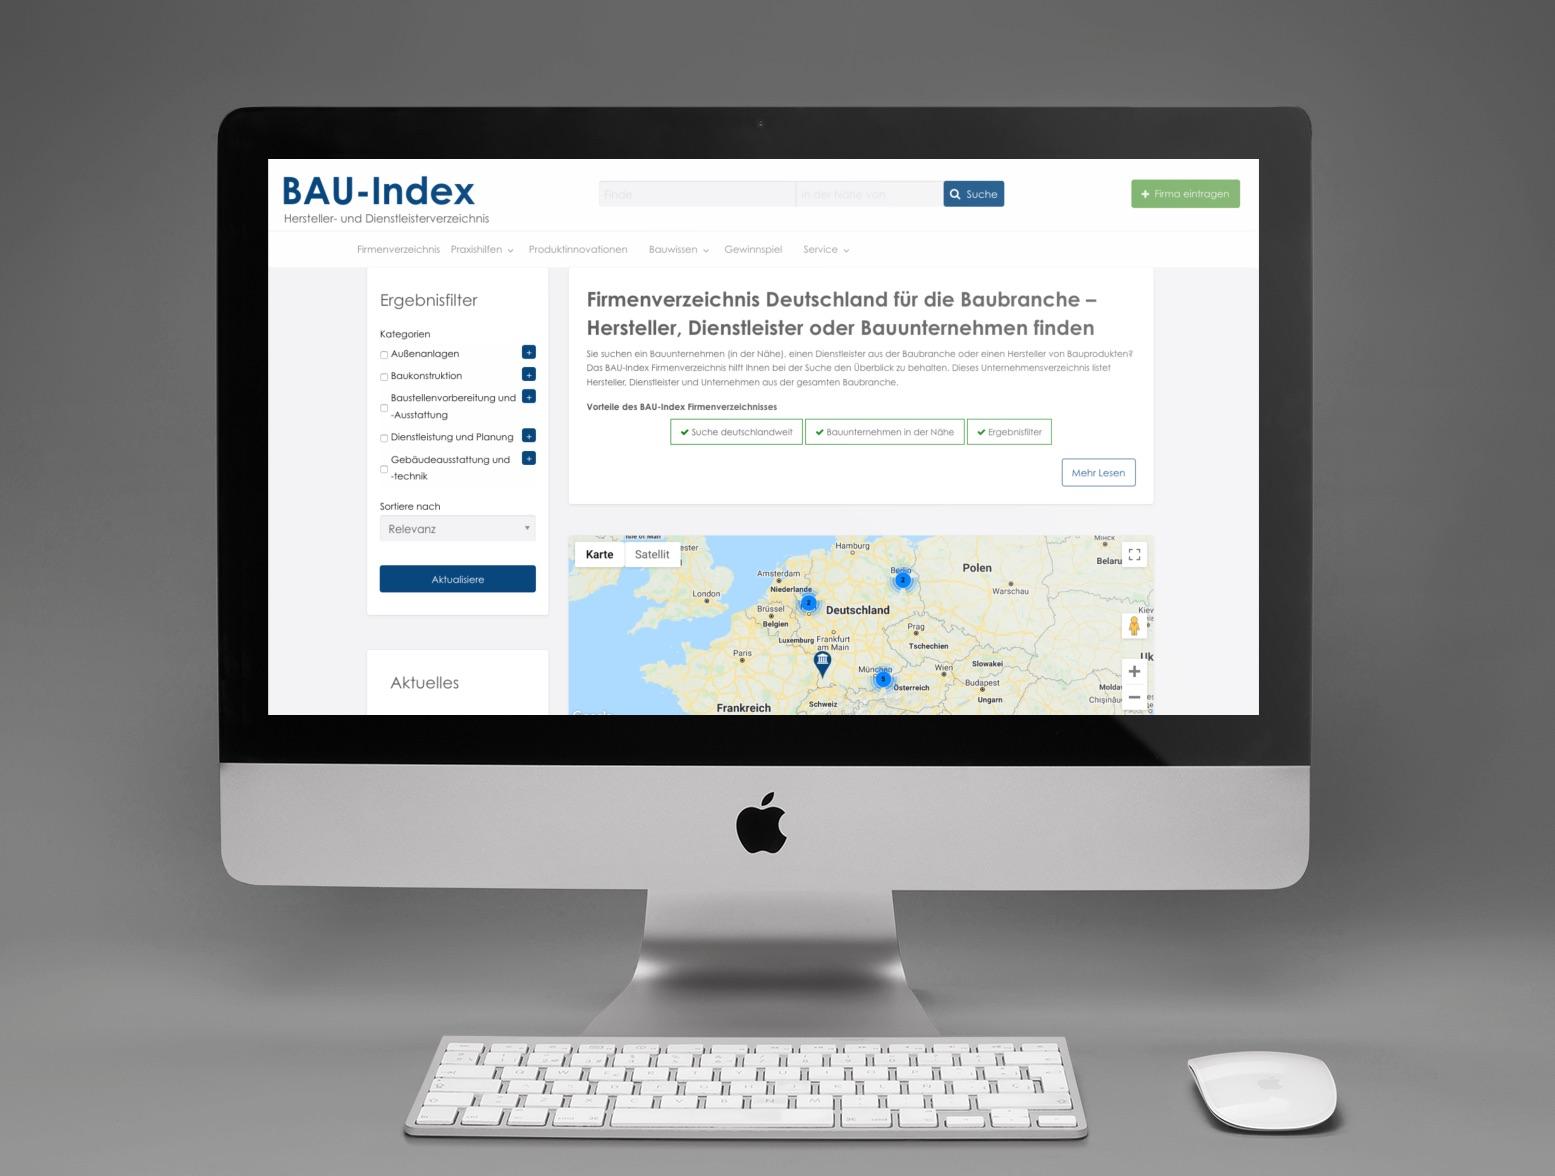 Deutschlandweite Suche nach Produkten, Herstellern, Dienstleistern oder Bauunternehmen (Abbildung: Internet-fuer-Architekten.de)